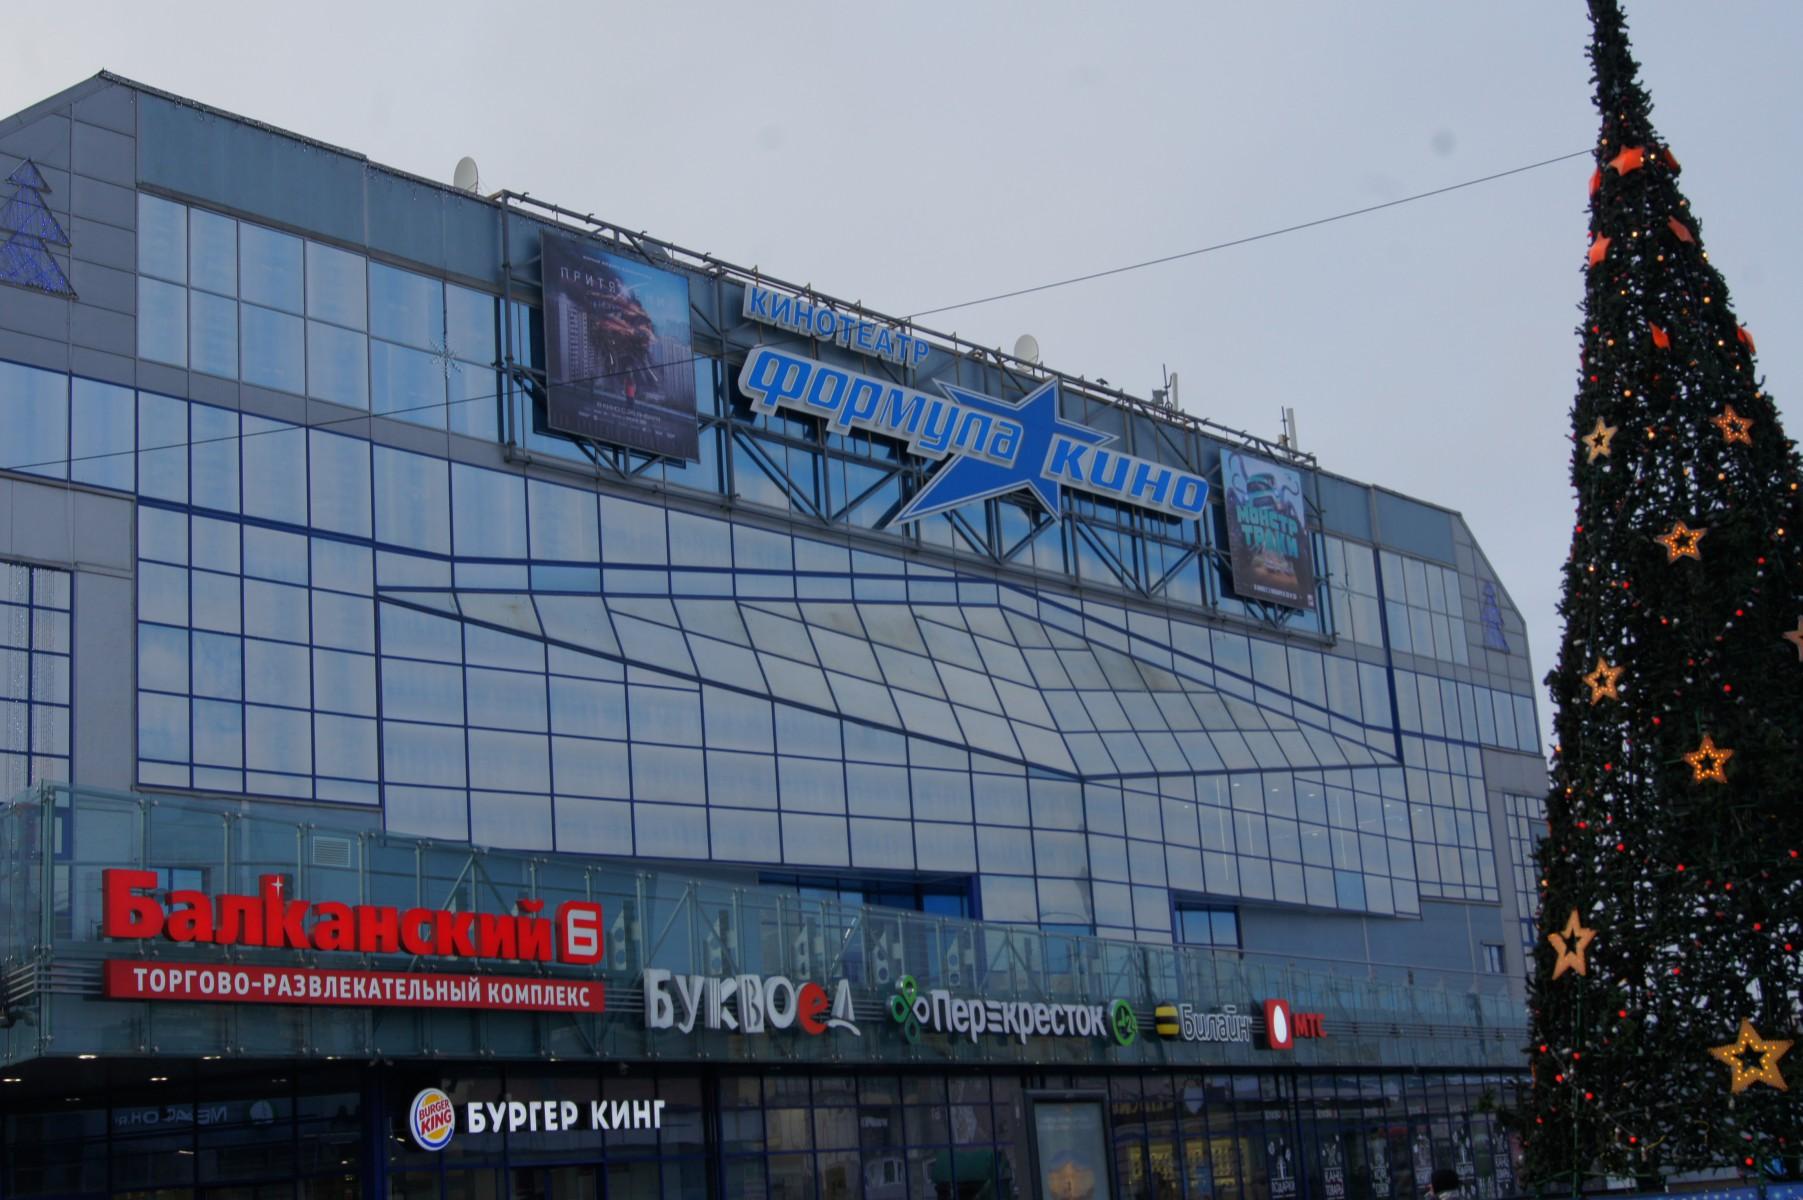 Адамант-строй, «Формула Кино» в здании «Балканский», 982